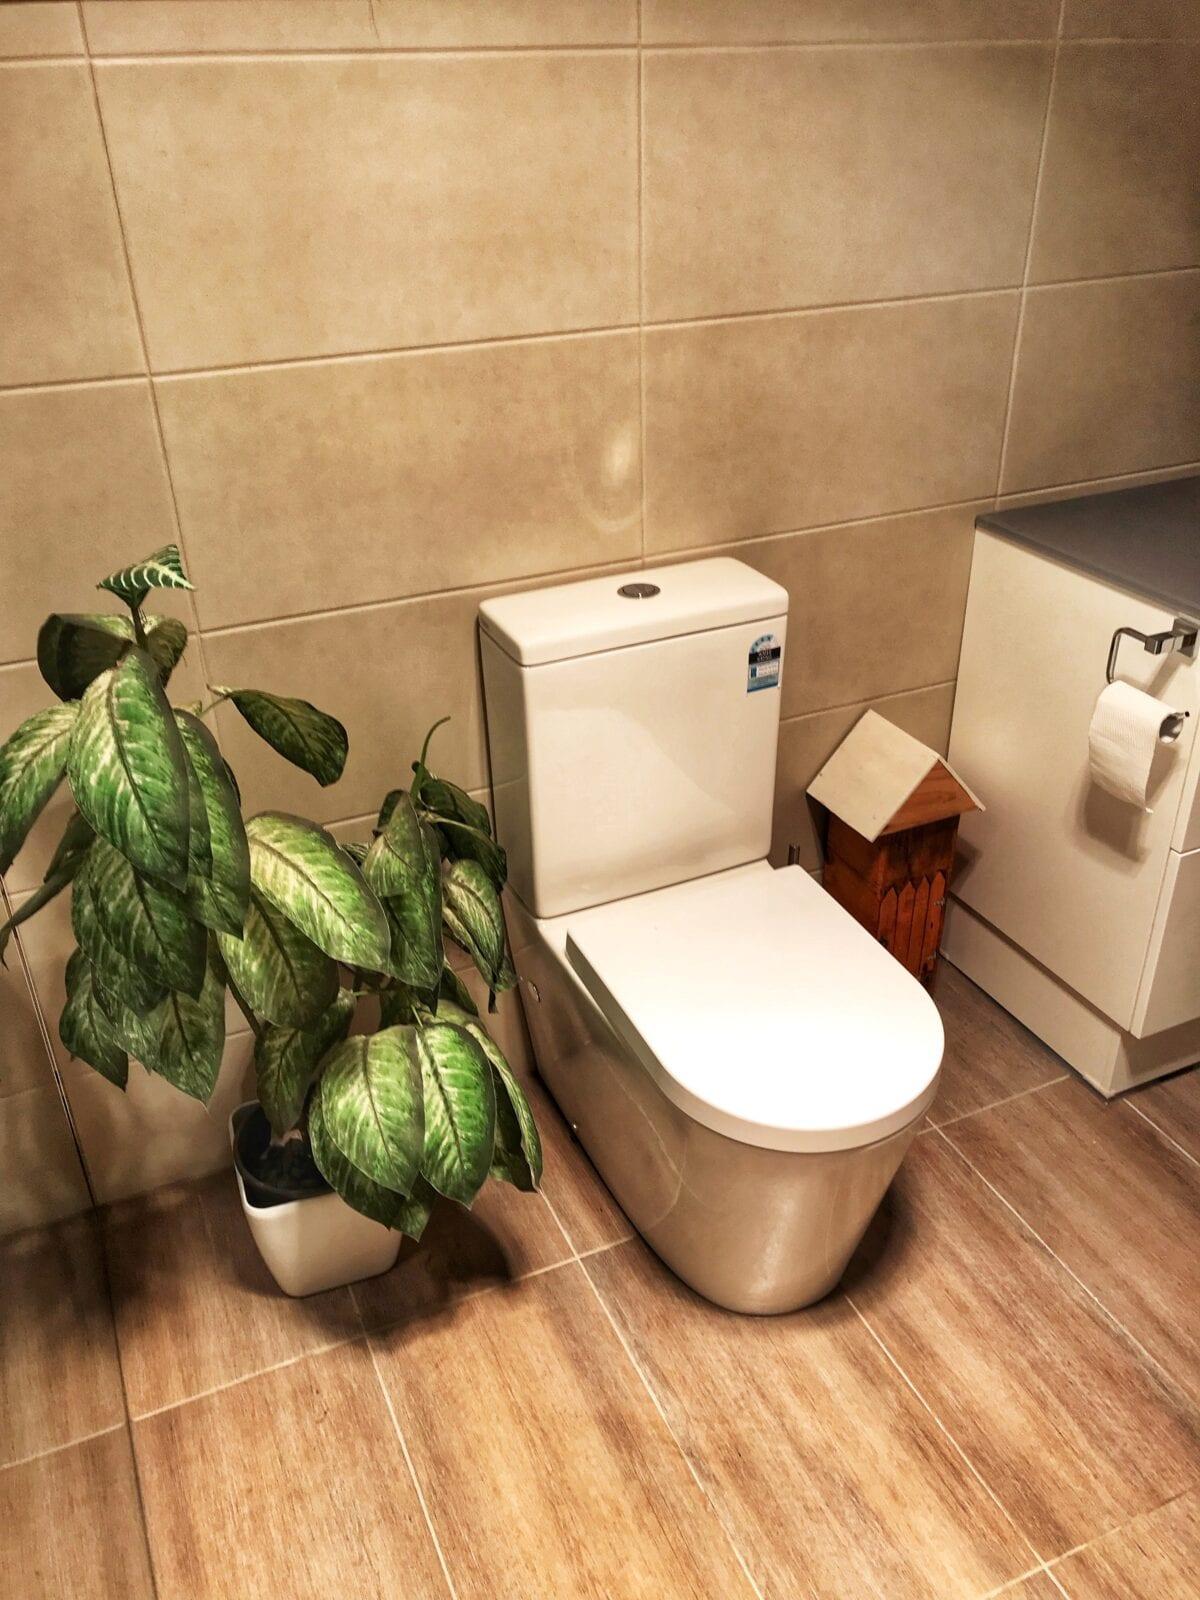 jlt plumbing expert bathroom renovations